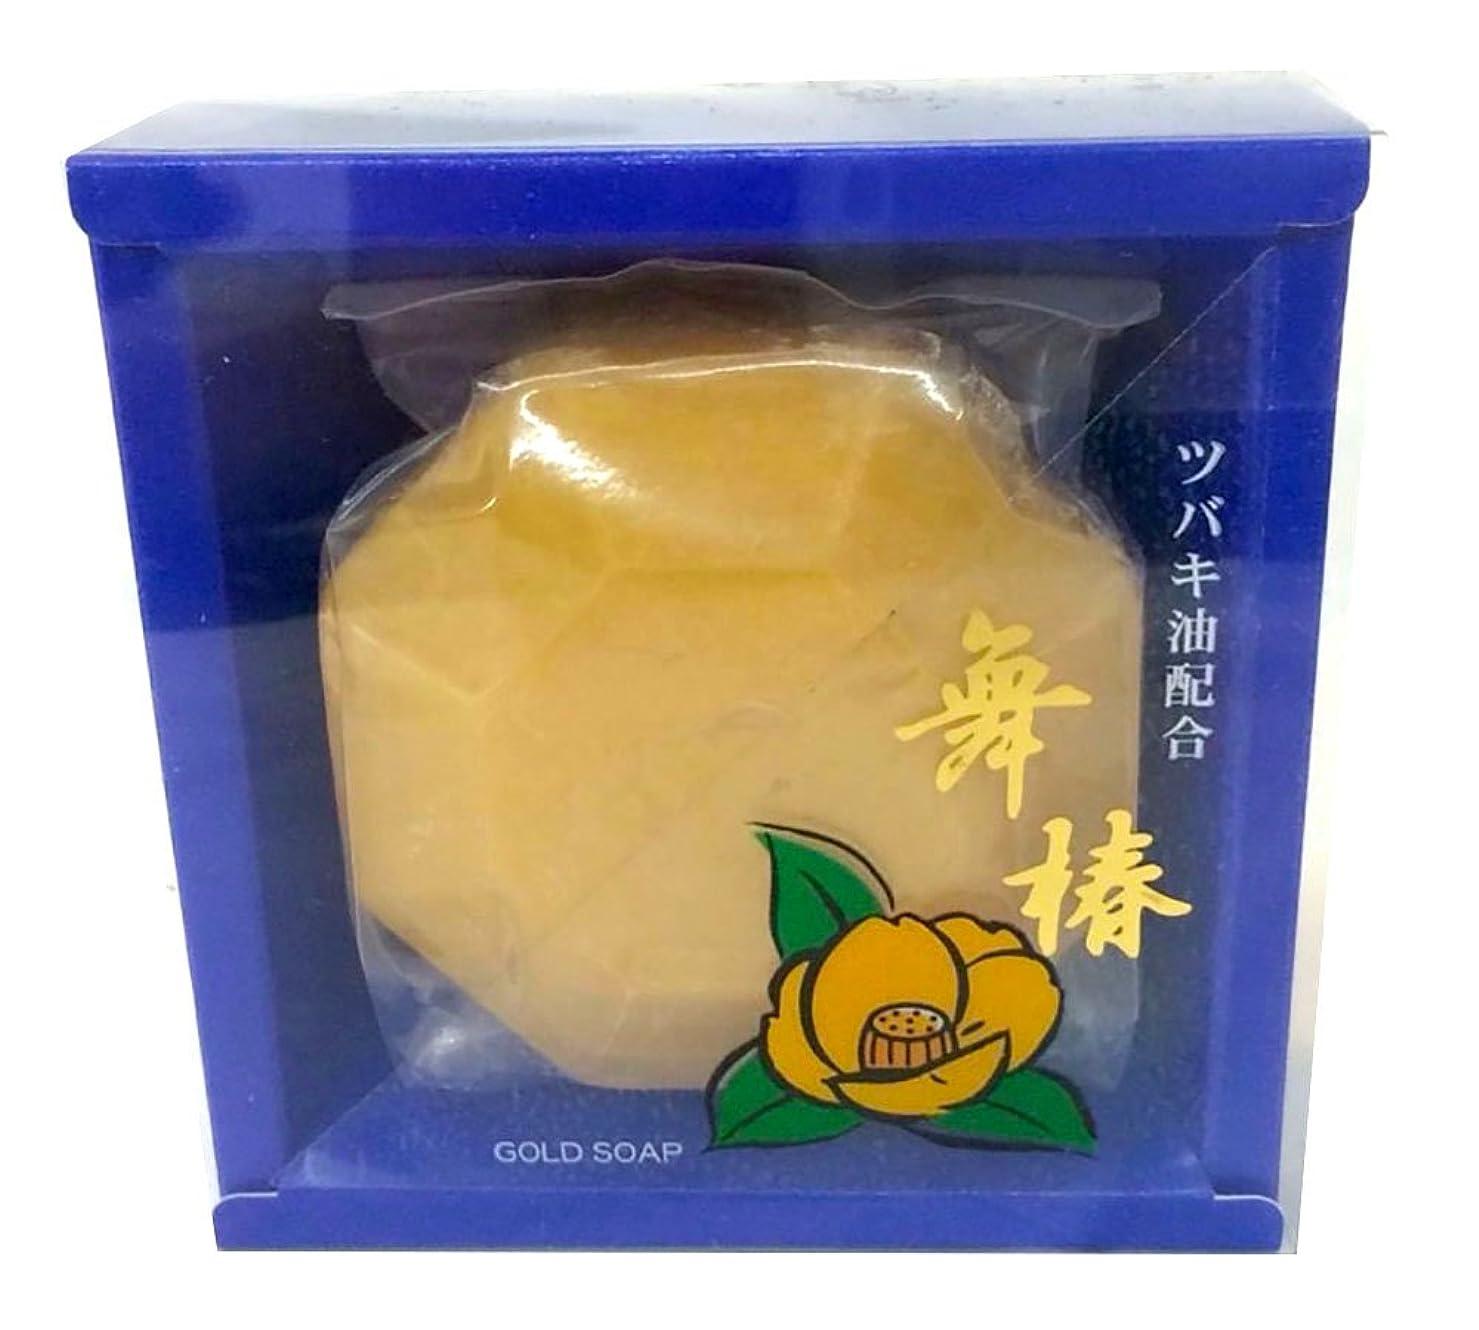 甘くする設計ディプロマ舞椿ゴールドソープ (ツバキオイル配合)110g